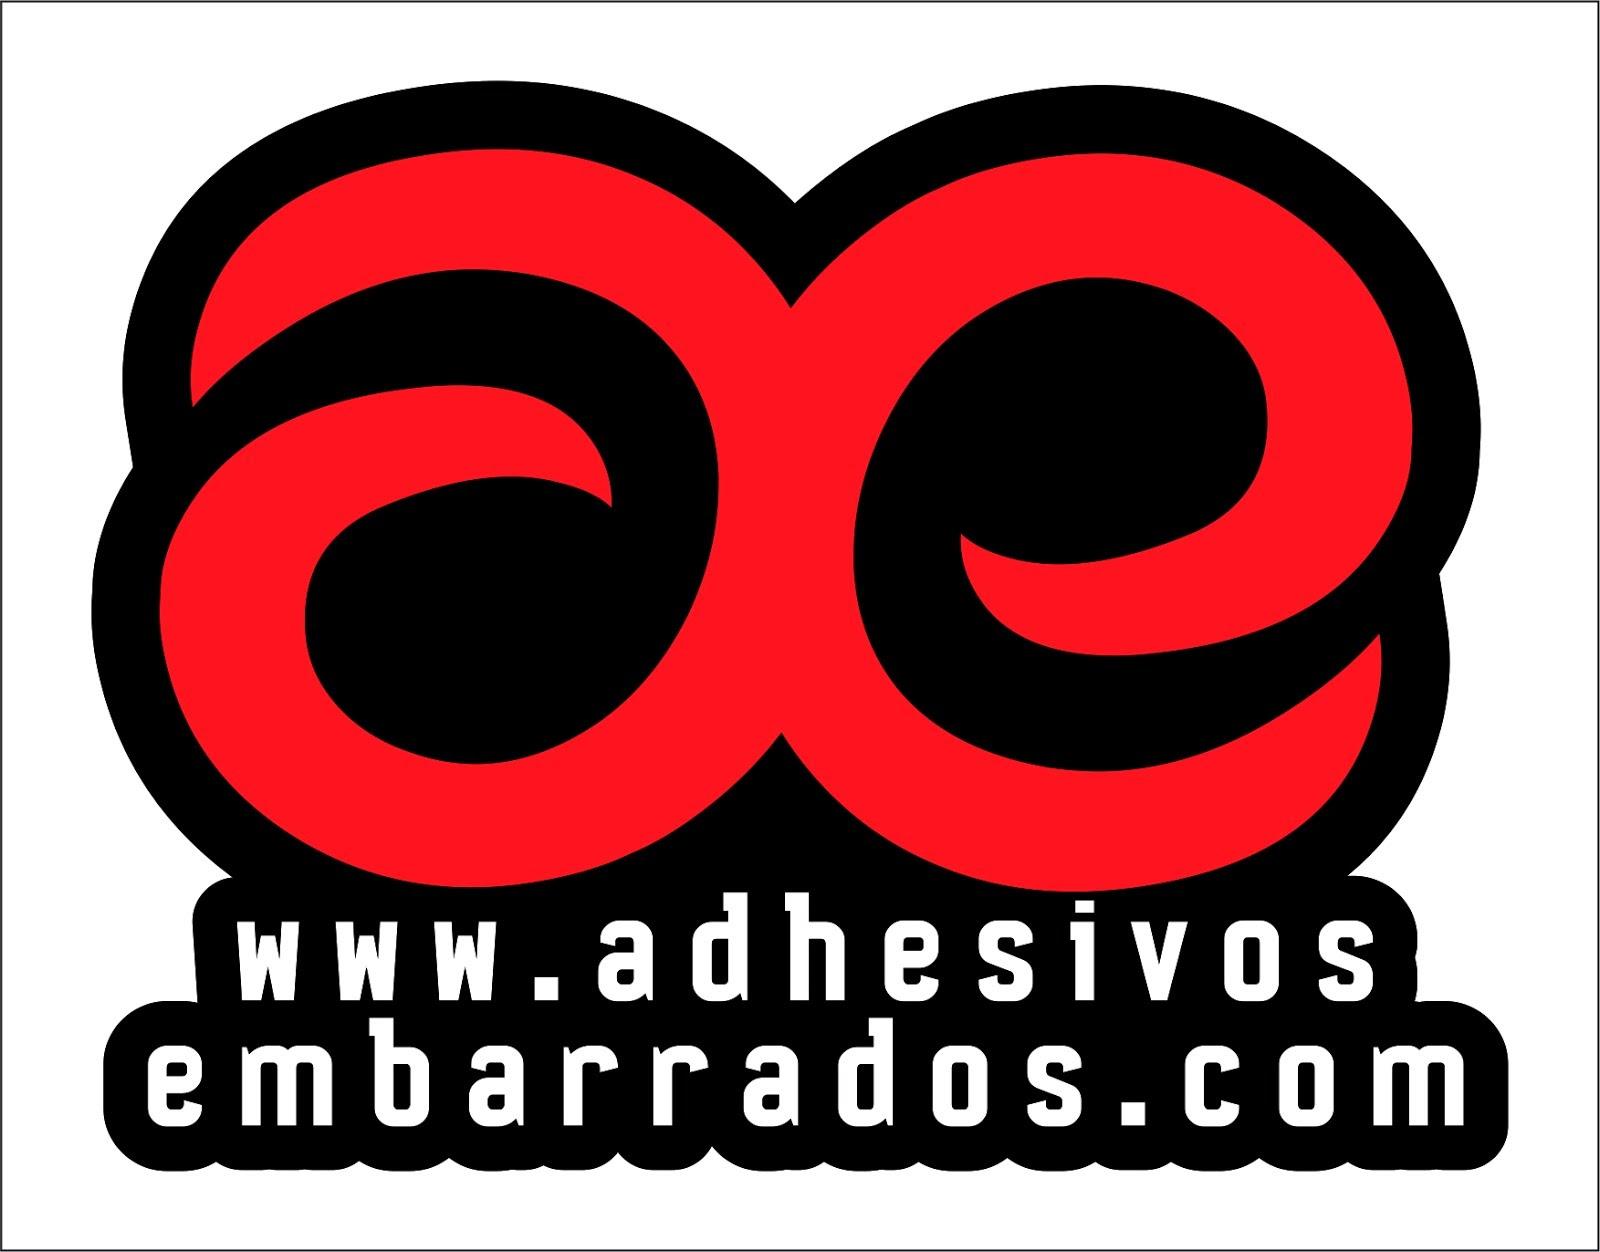 ADHESIVOS EMBARRADOS